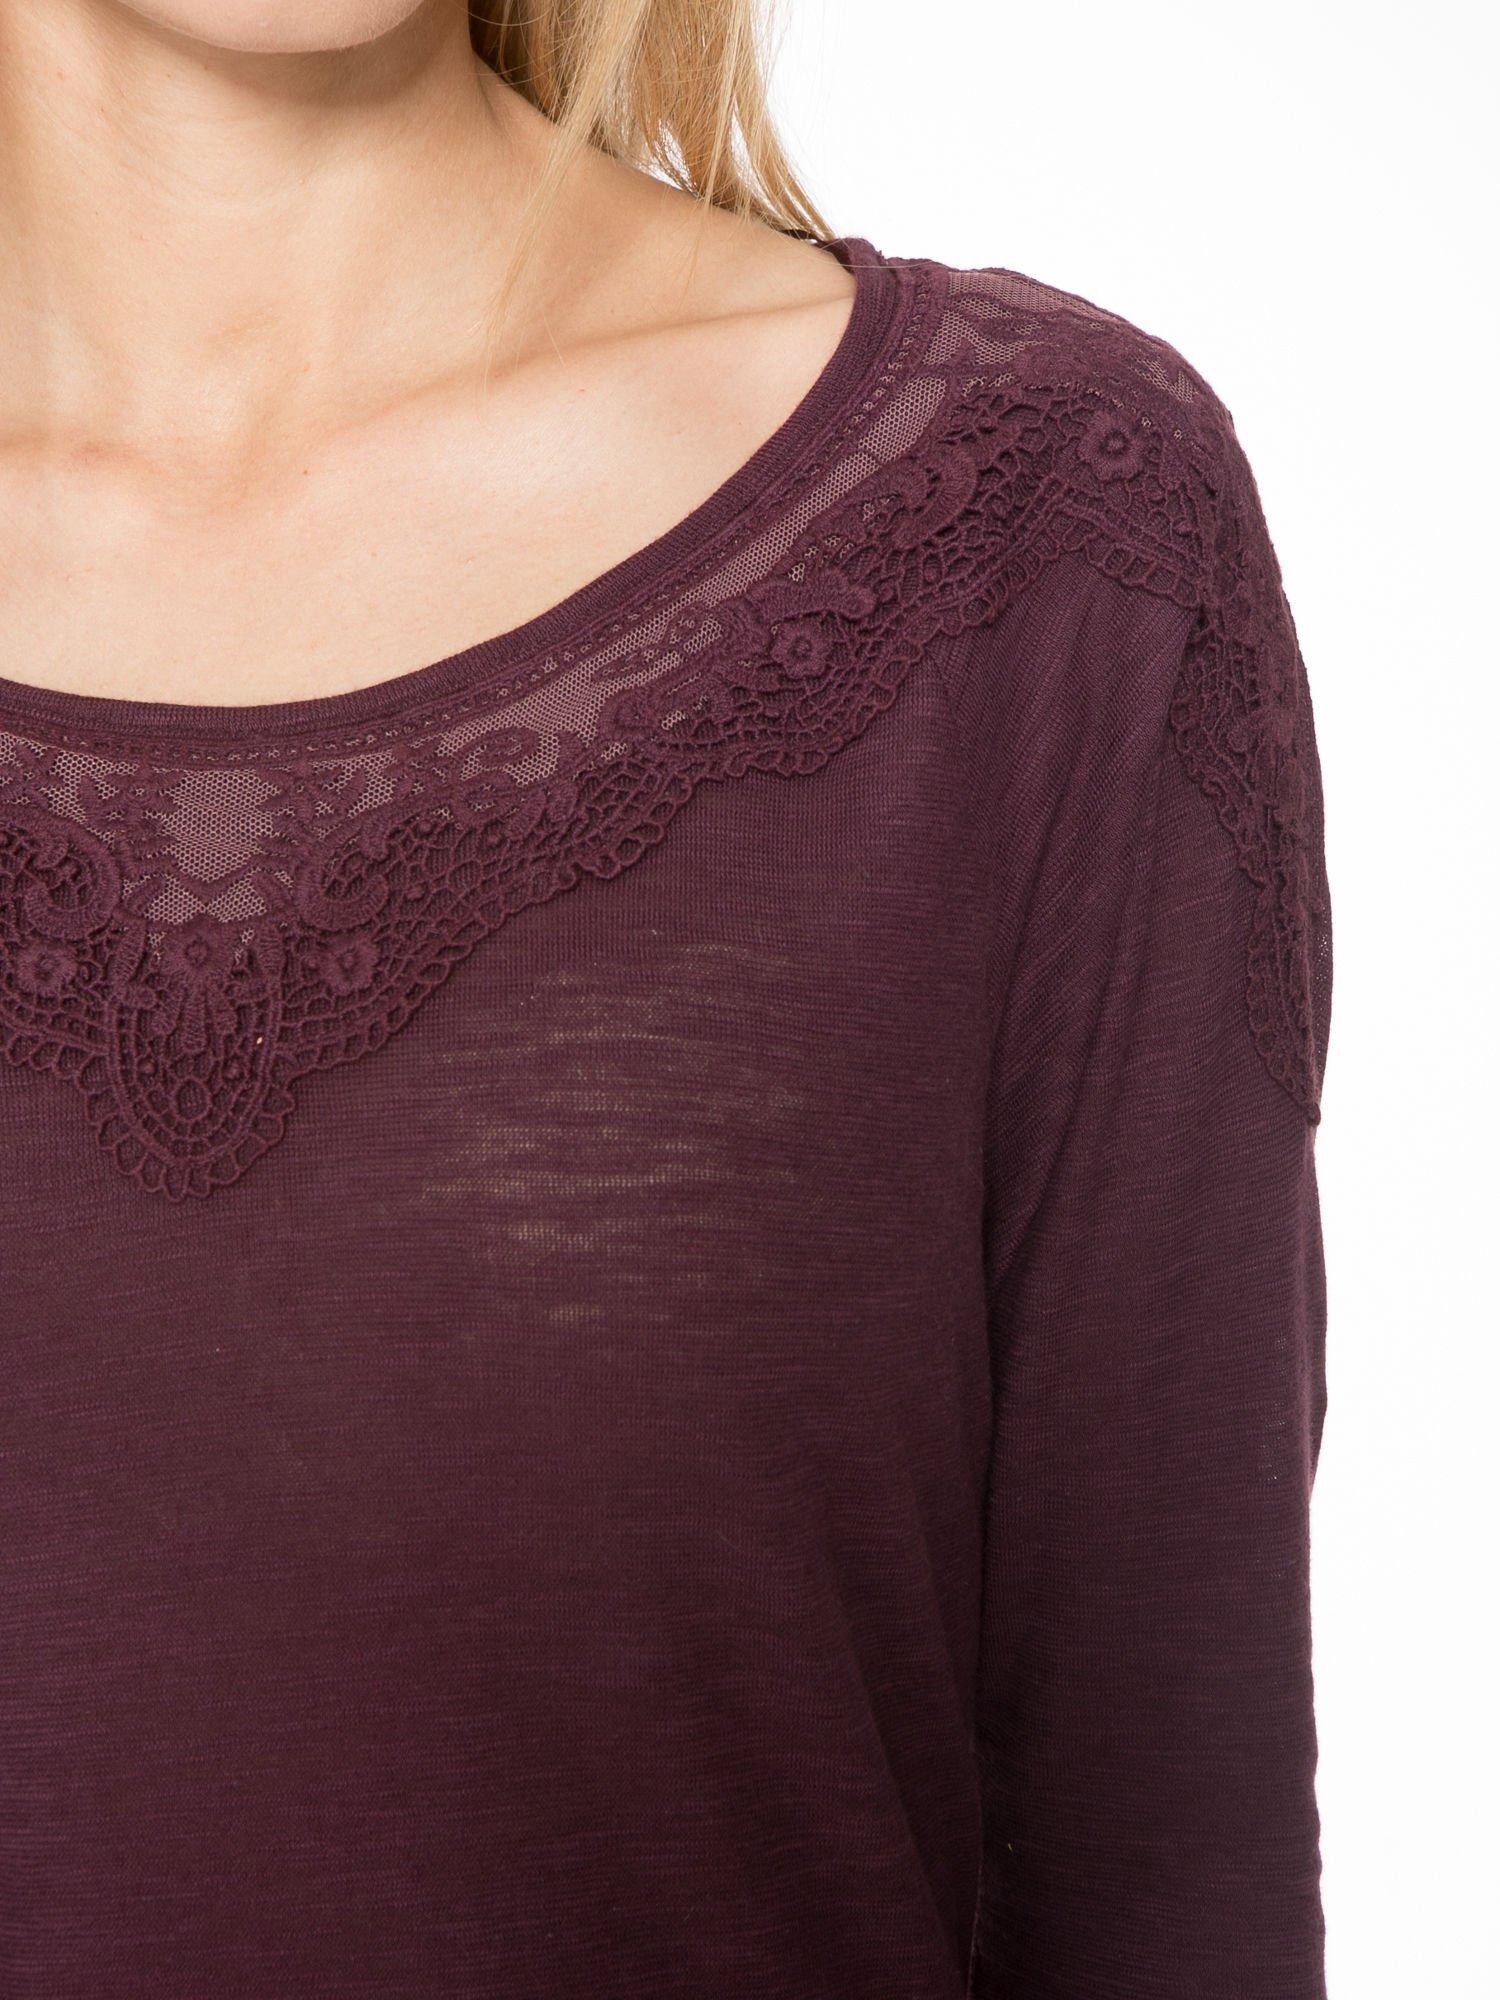 Bordowa bluzka z koronkową górą                                  zdj.                                  5